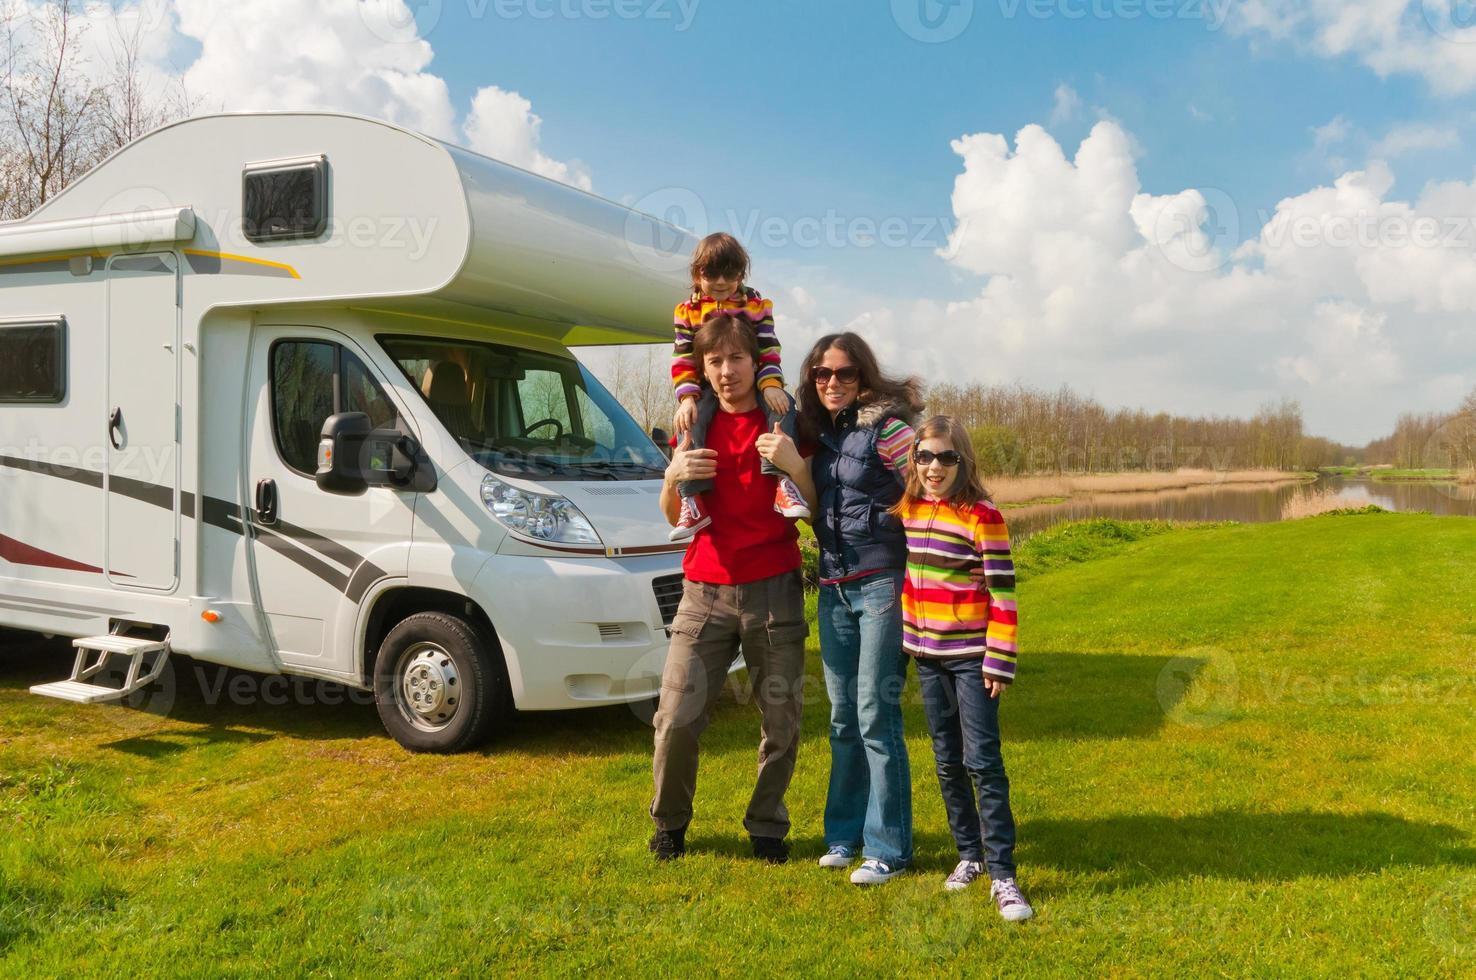 Familienurlaub auf dem Campingplatz foto